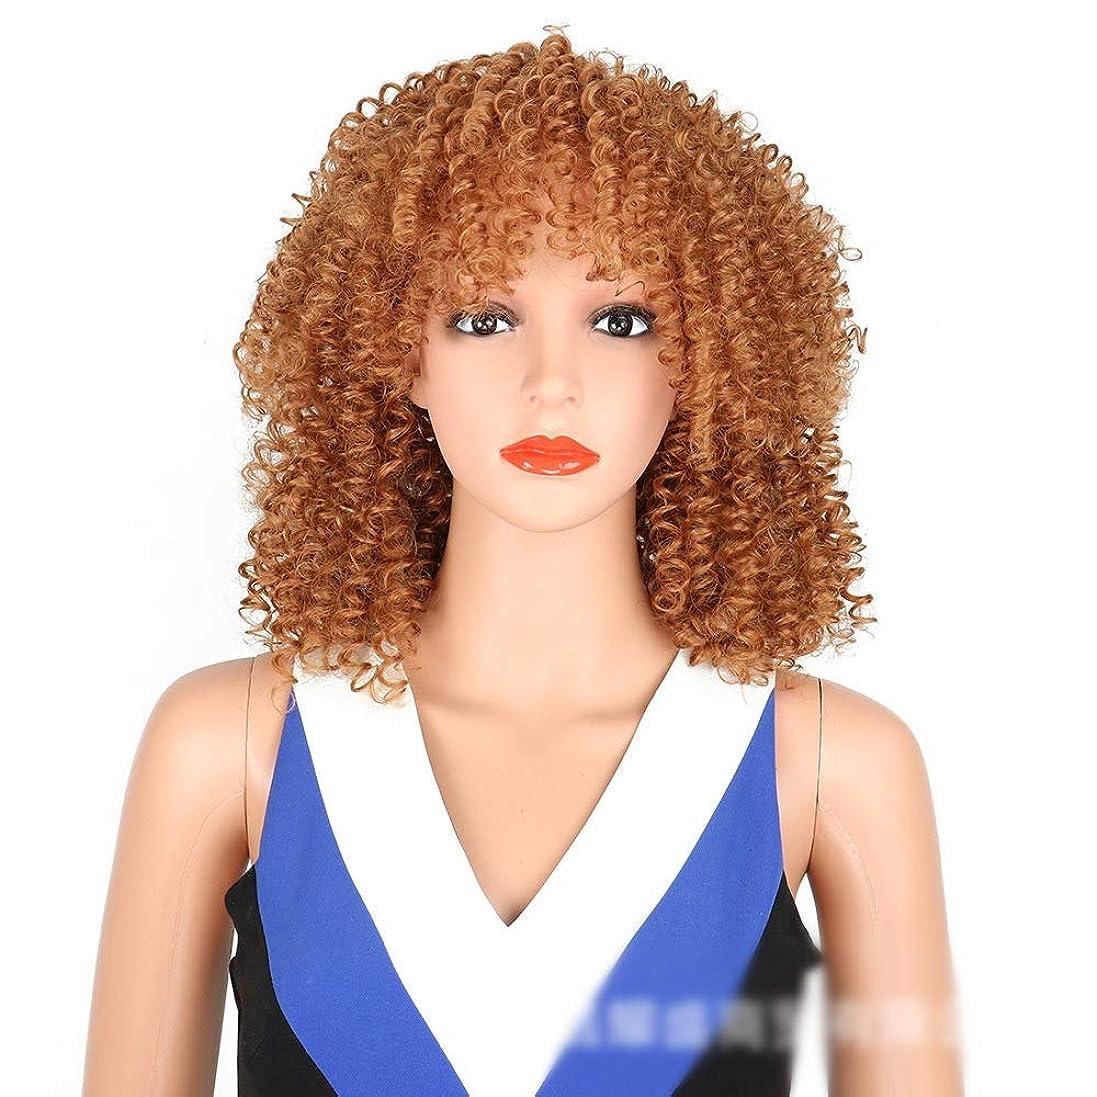 首謀者浅いオーロックBOBIDYEE アフリカの黒人女性の前髪爆発ヘッドの小さな巻き毛のかつらコスプレパーティードレスパーティーかつら (Color : ブラウン)